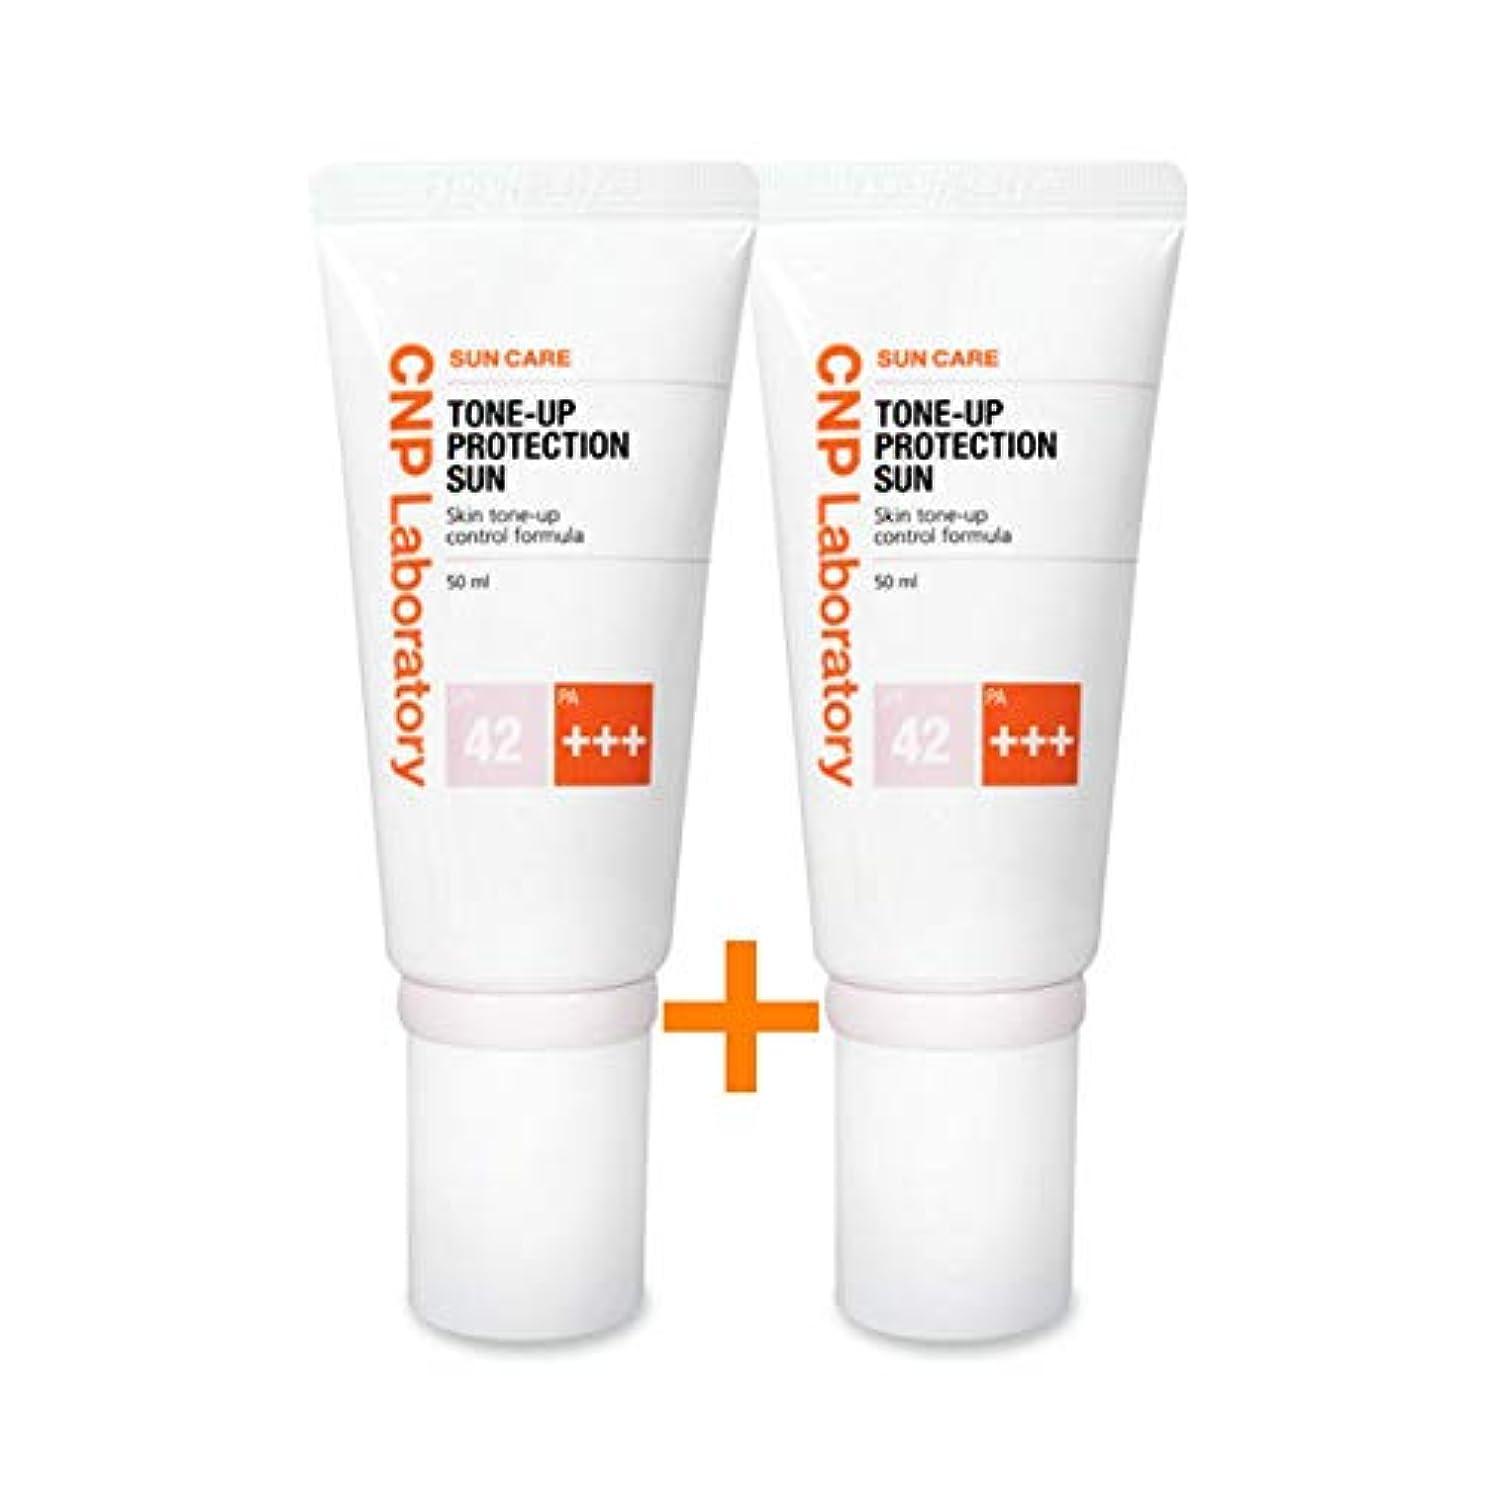 海洋複合歯痛[ 1 + 1 ] CNPトンオププロテクションサン?クリーム紫外線遮断剤 (SPF42 / PA+++) 50ml、CNP Tone-up Protection Sun Cream (SPF42 / PA+++) 50ml...